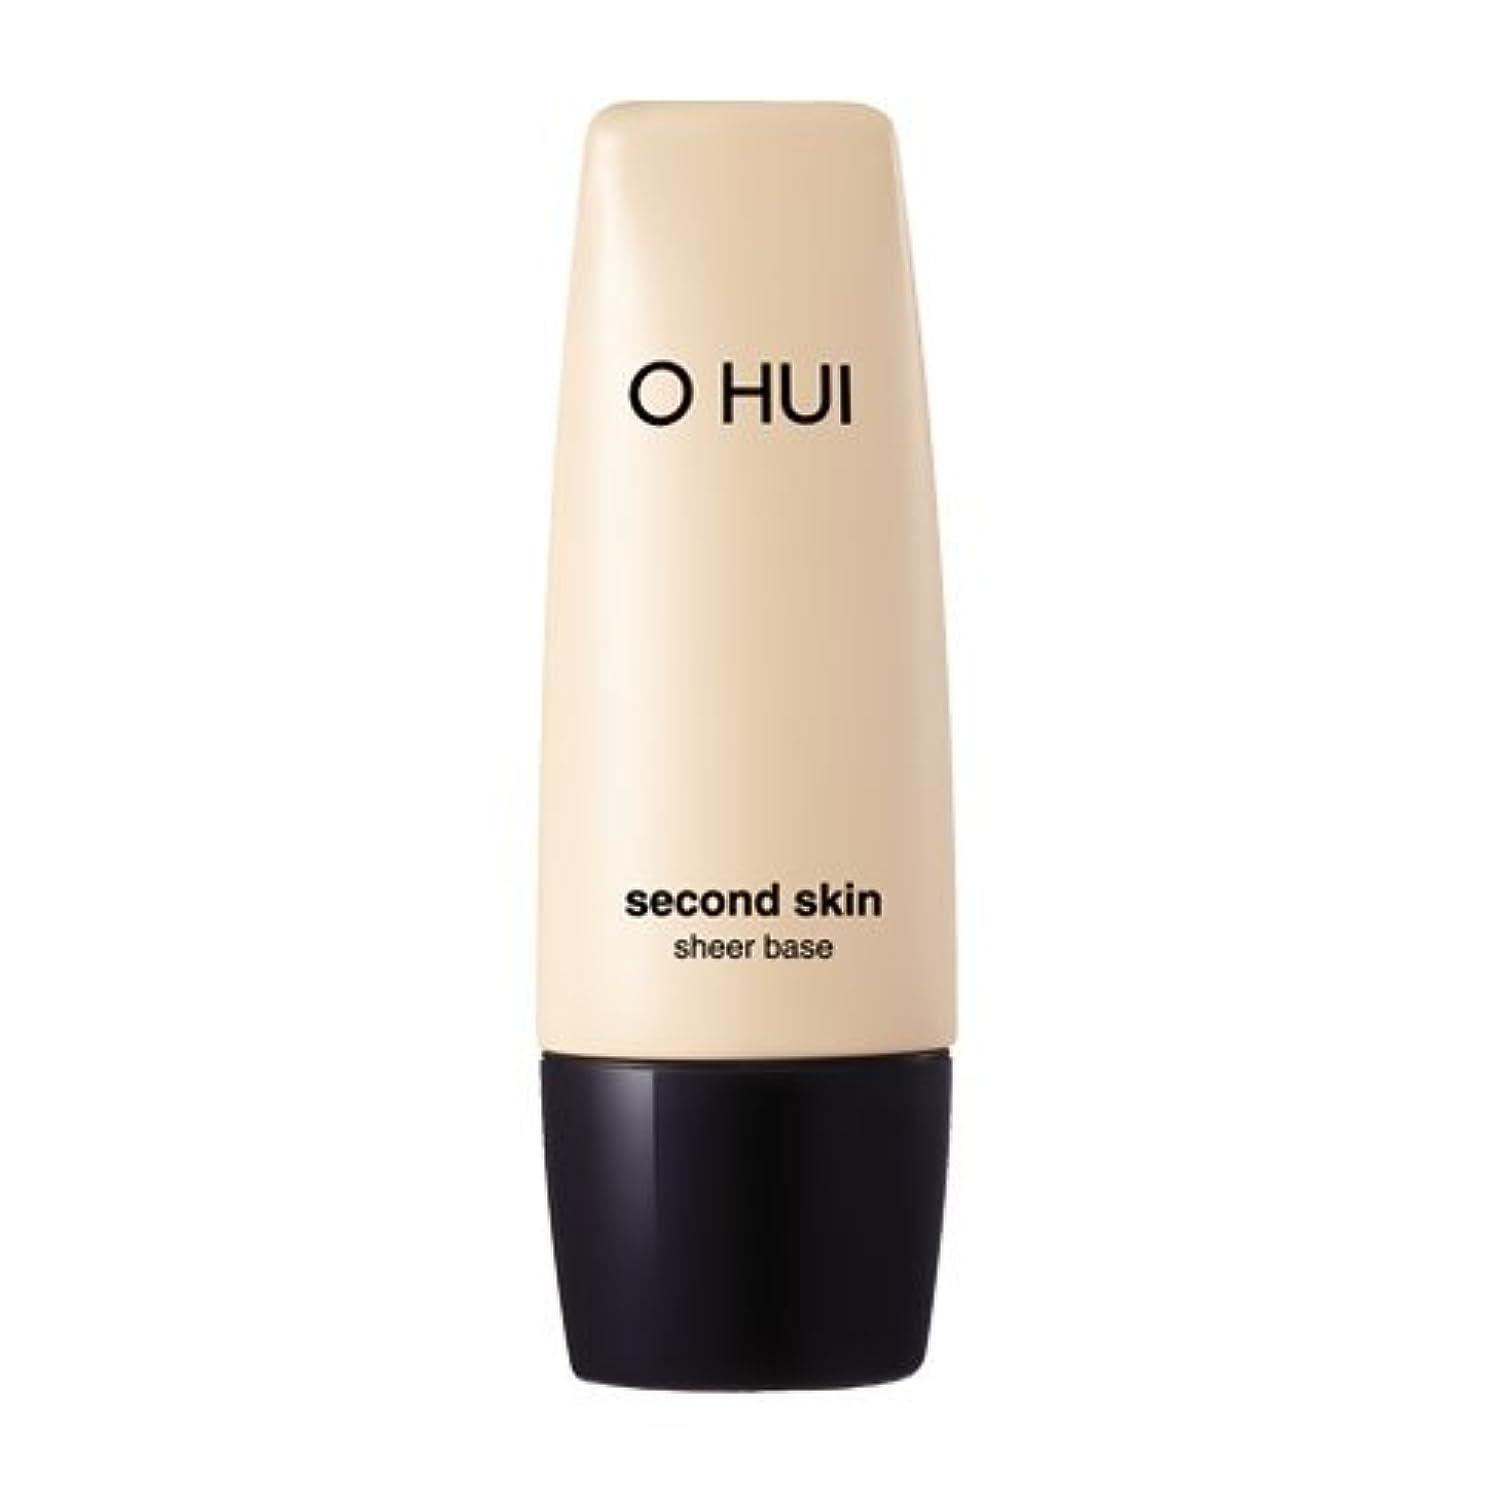 変わる強要歩くOHUI Second Skin Sheer Base 40ml/オフィ セカンド スキン シア ベース 40ml